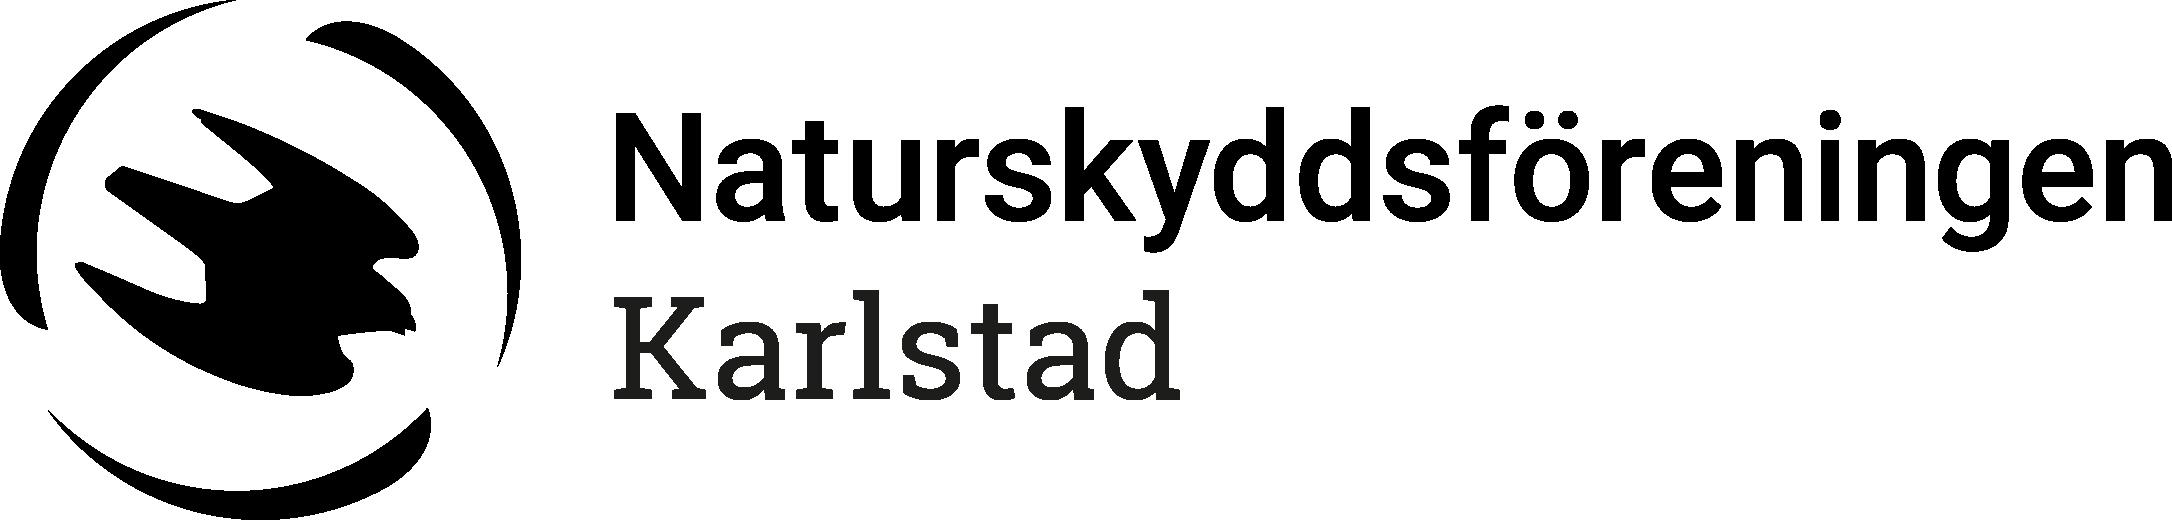 Följ oss på Naturskyddsföreningen Karlstad